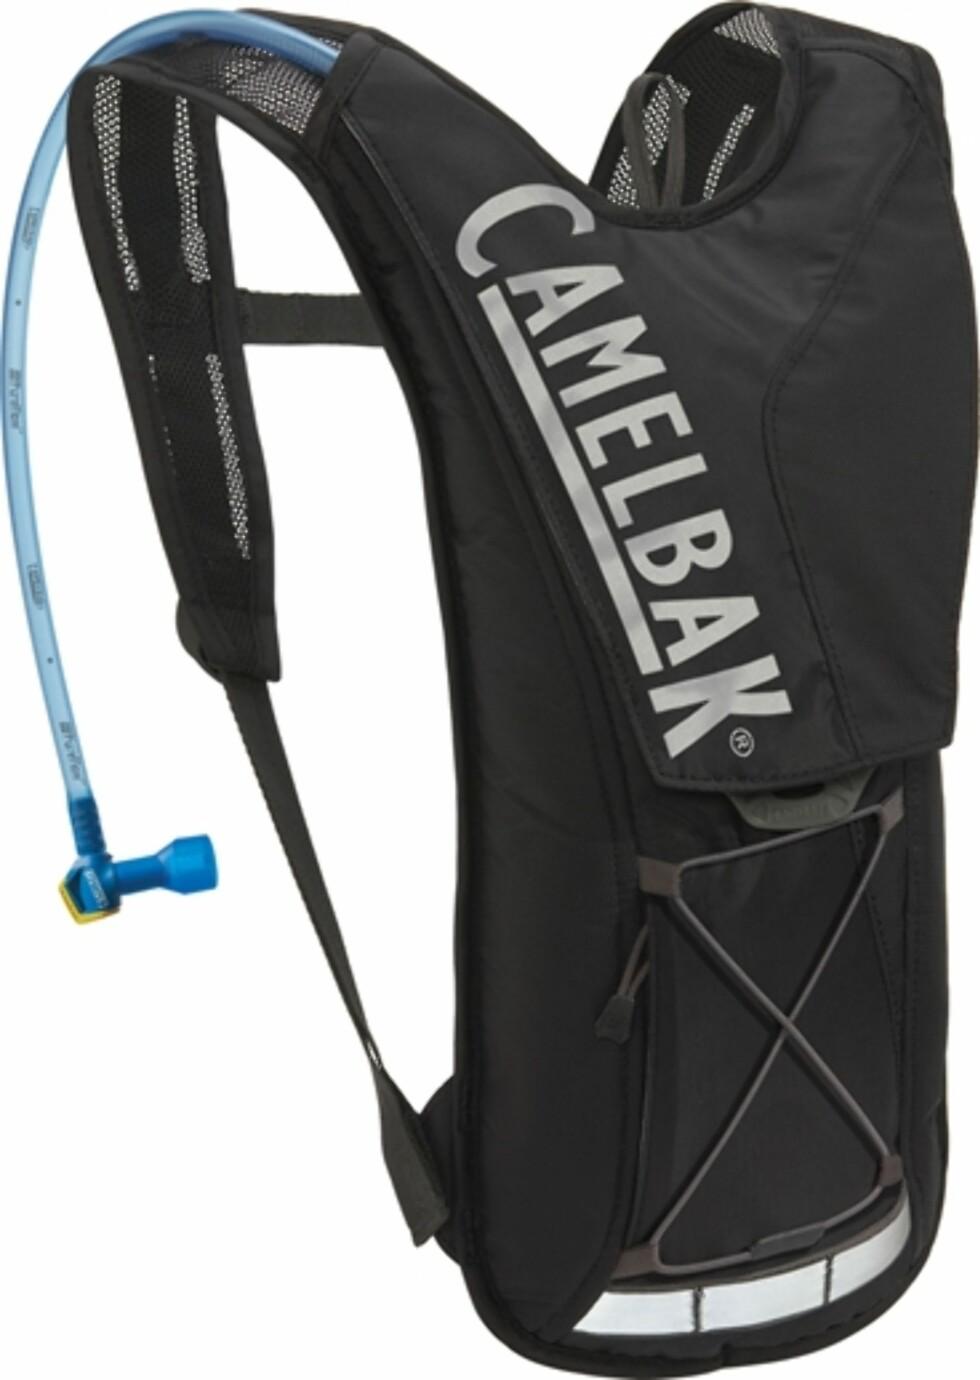 Camelback ryggsekk for drikke. 599 kroner fra Jentesport.no.  Foto: Produsenten